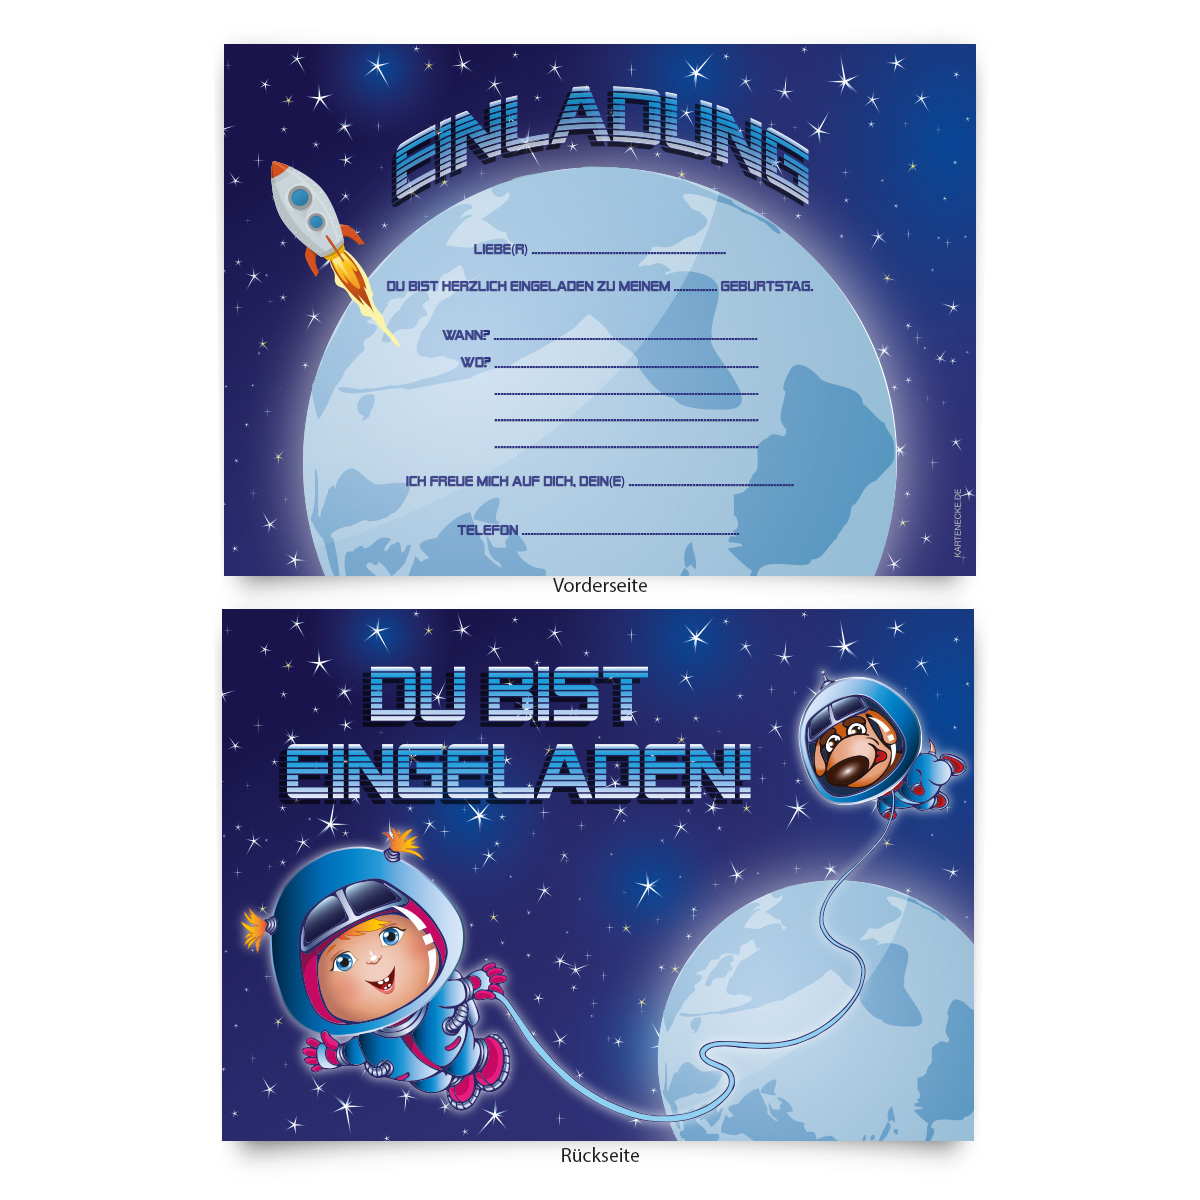 Einladungskarten (8 Stück) zum Ausfüllen für ...